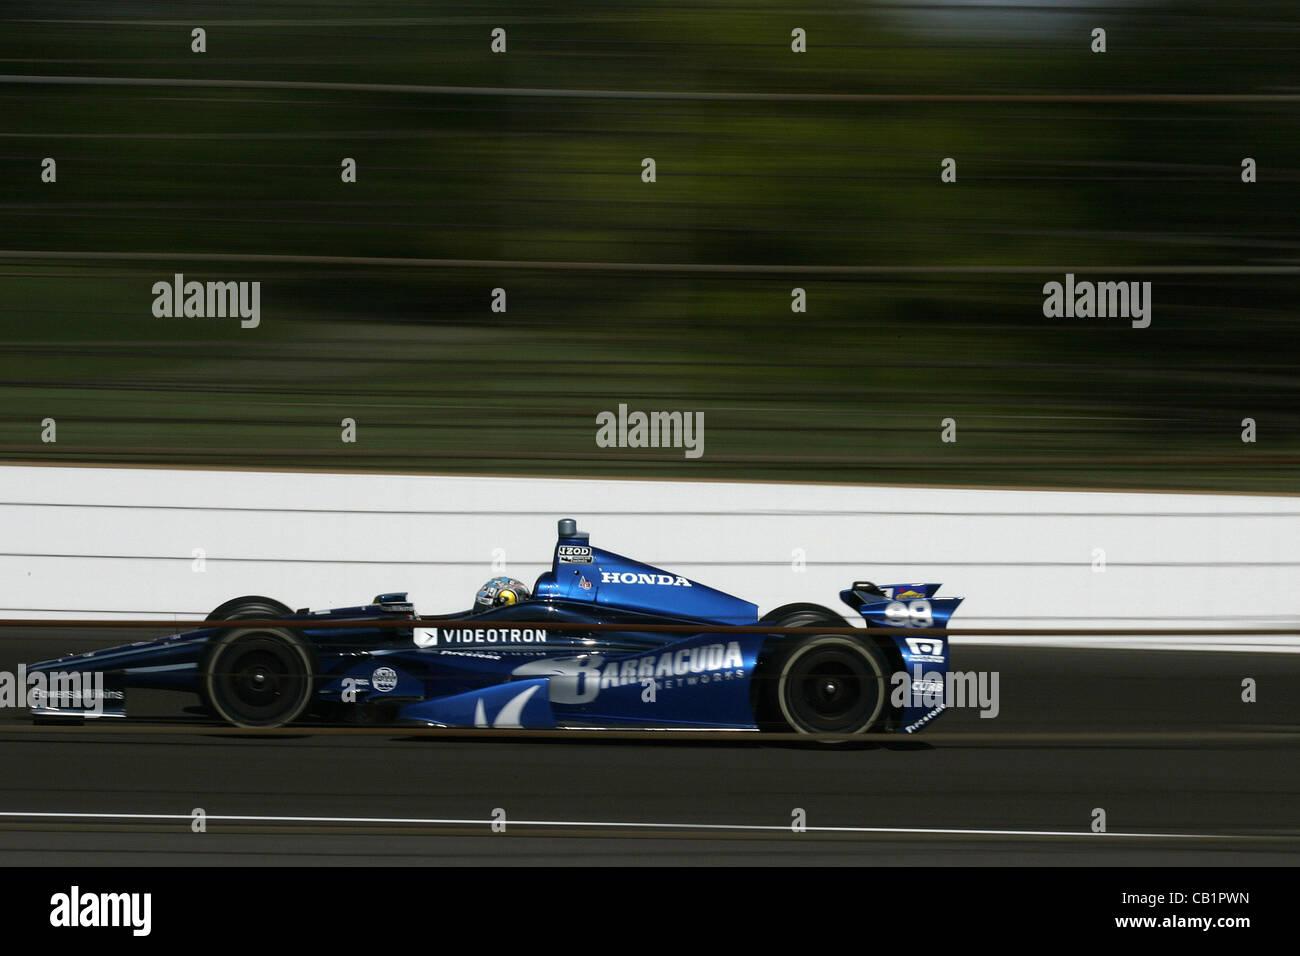 May 18, 2012 - Indianapolis, Indiana, U S - IZOD Indycar